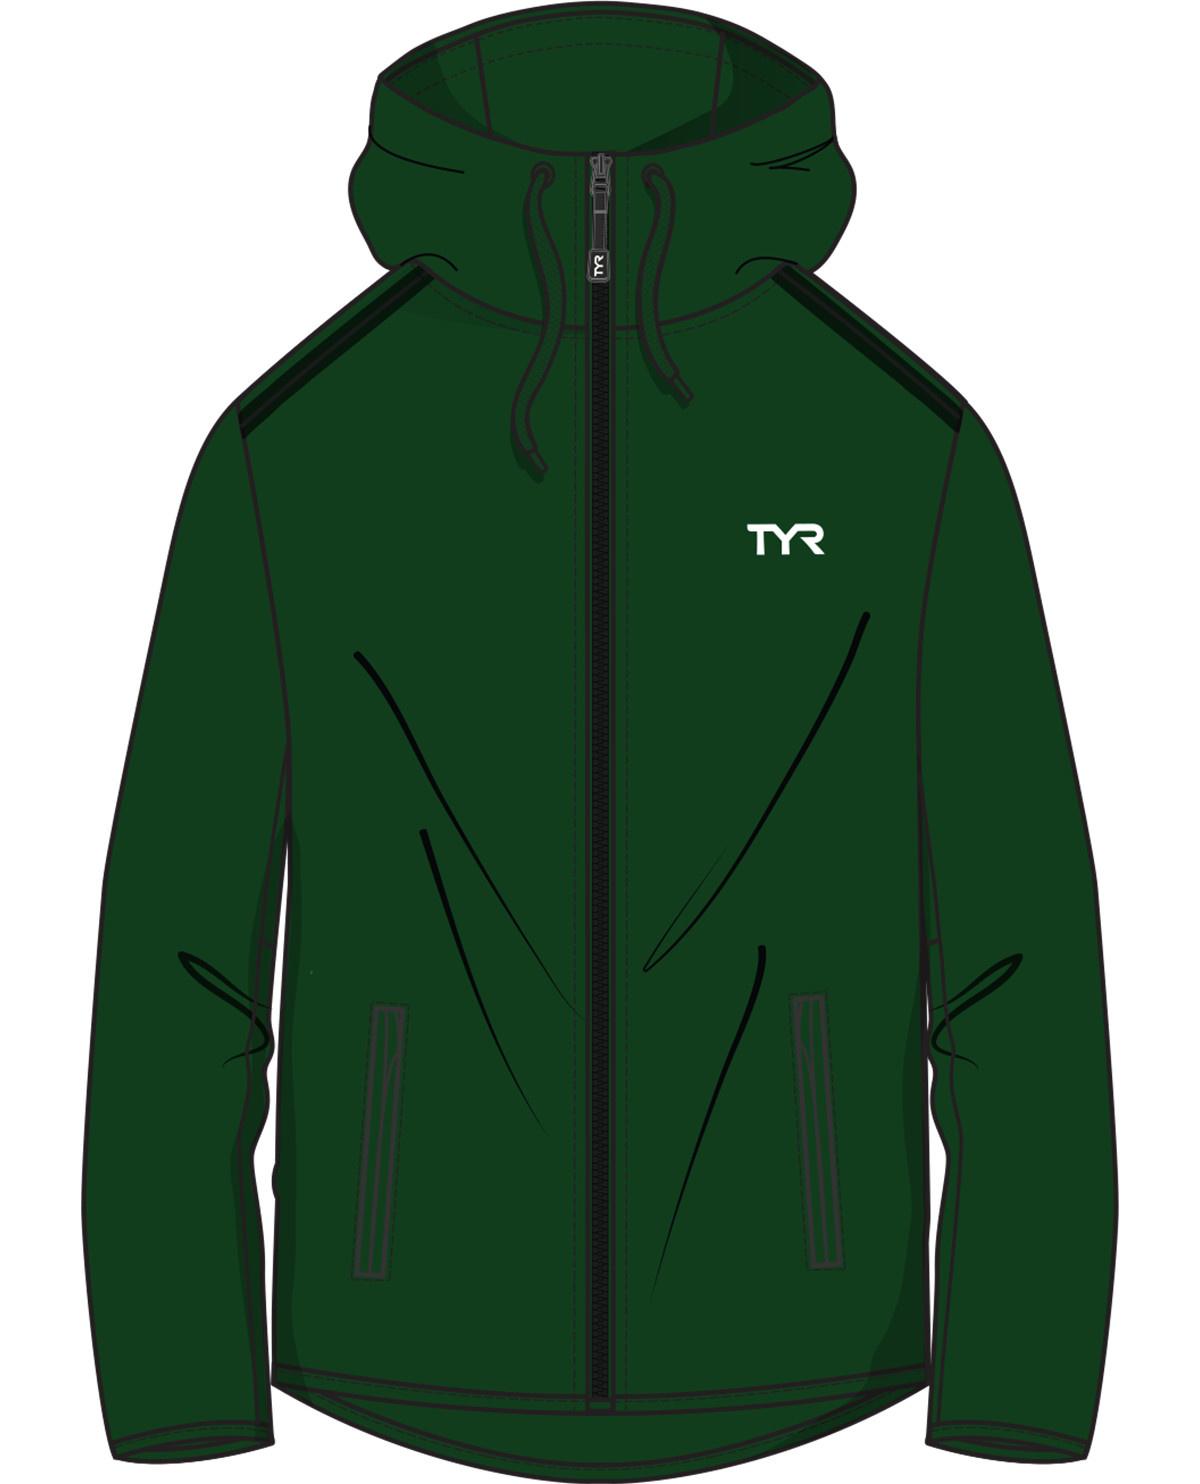 TYR MSC Female Warm Up Jacket